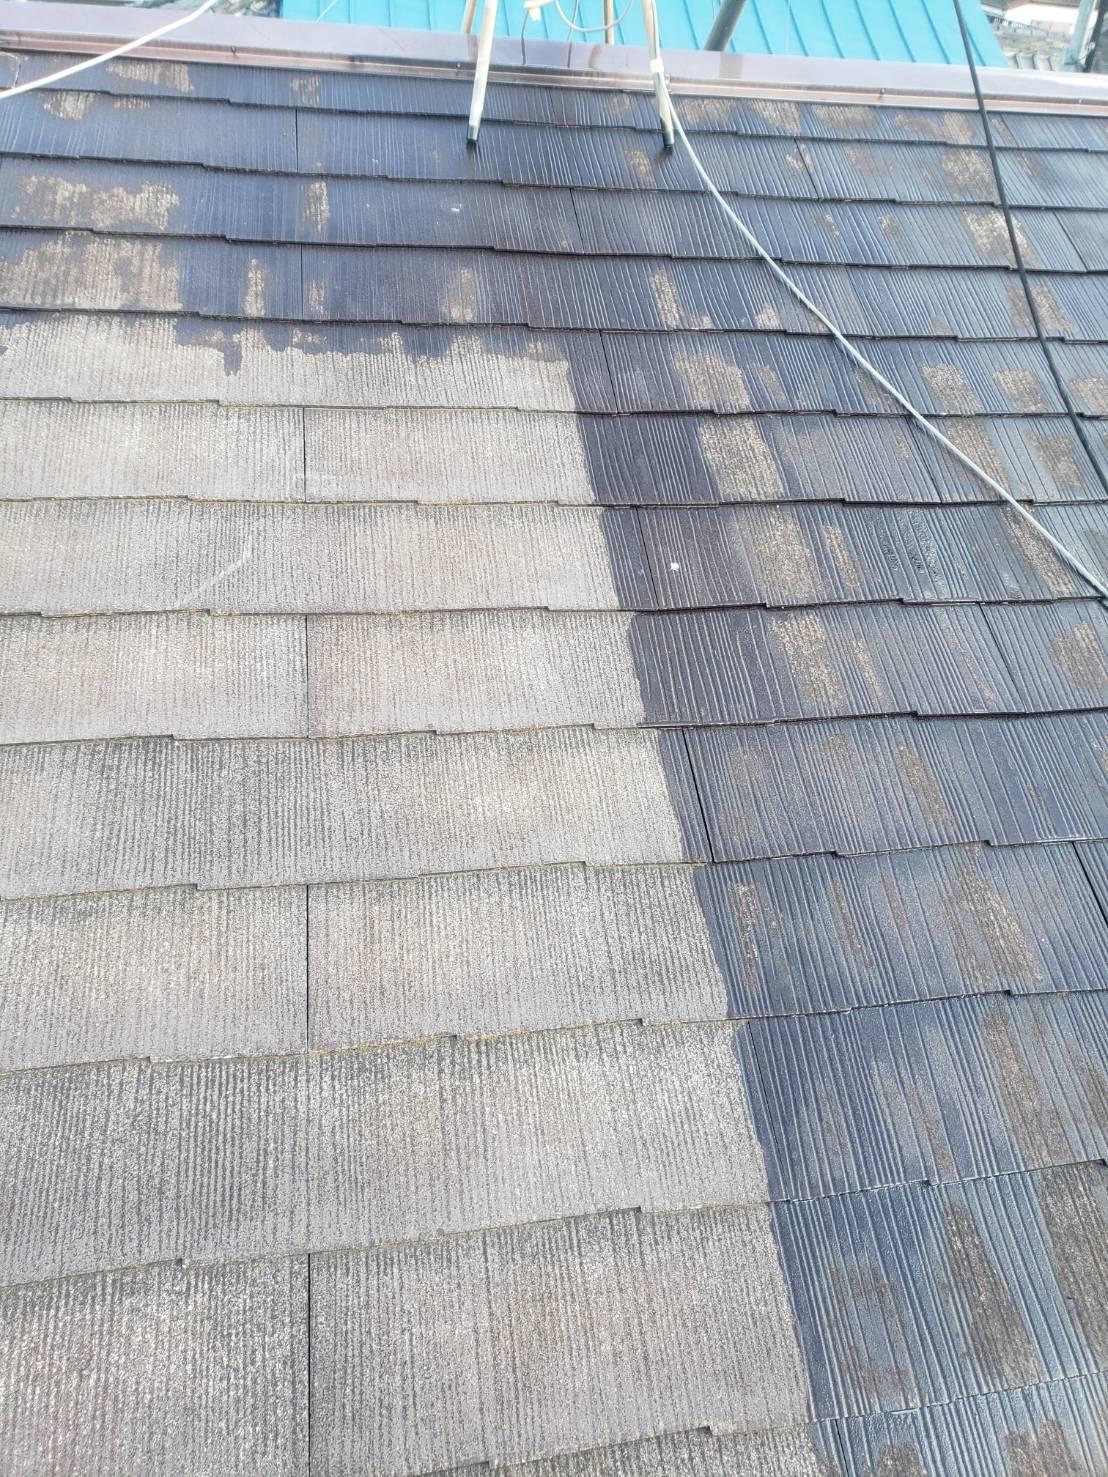 屋根の下塗り中です(エスケー化研 マイルドシーラーEPO クリヤー)。